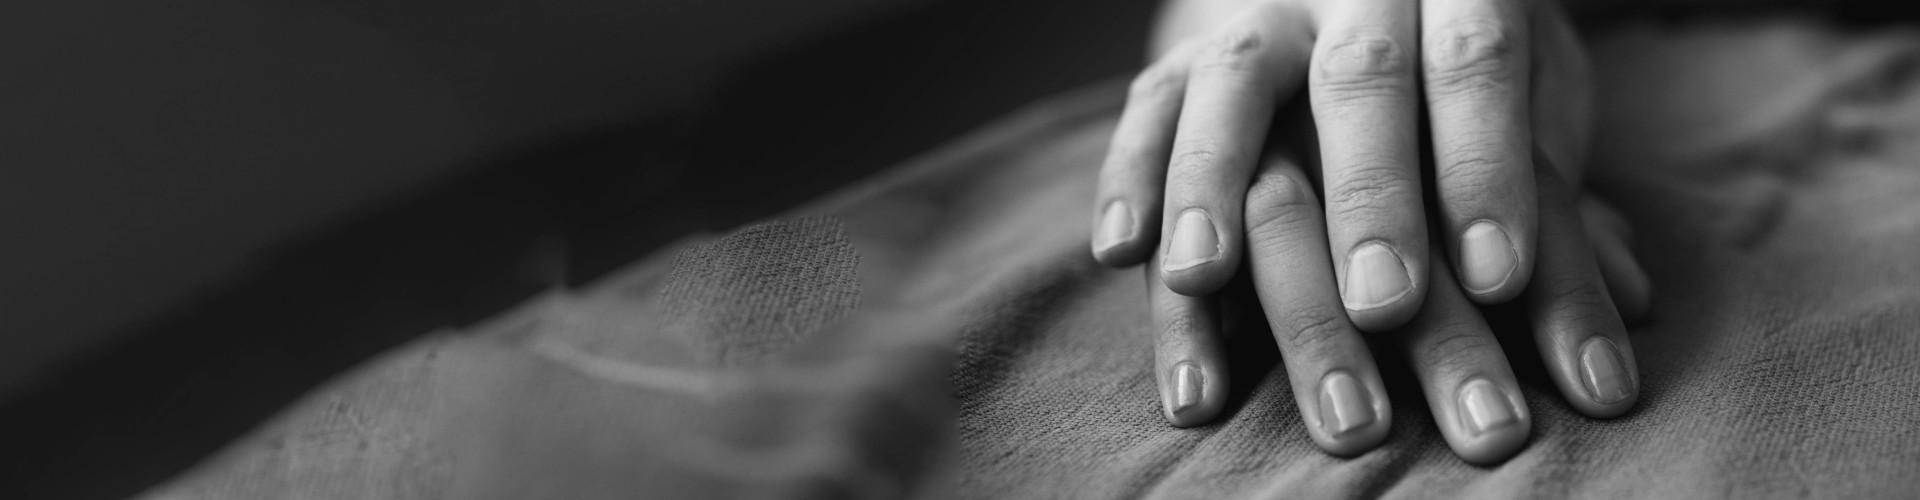 Relatie,coaching, intimiteit, handen